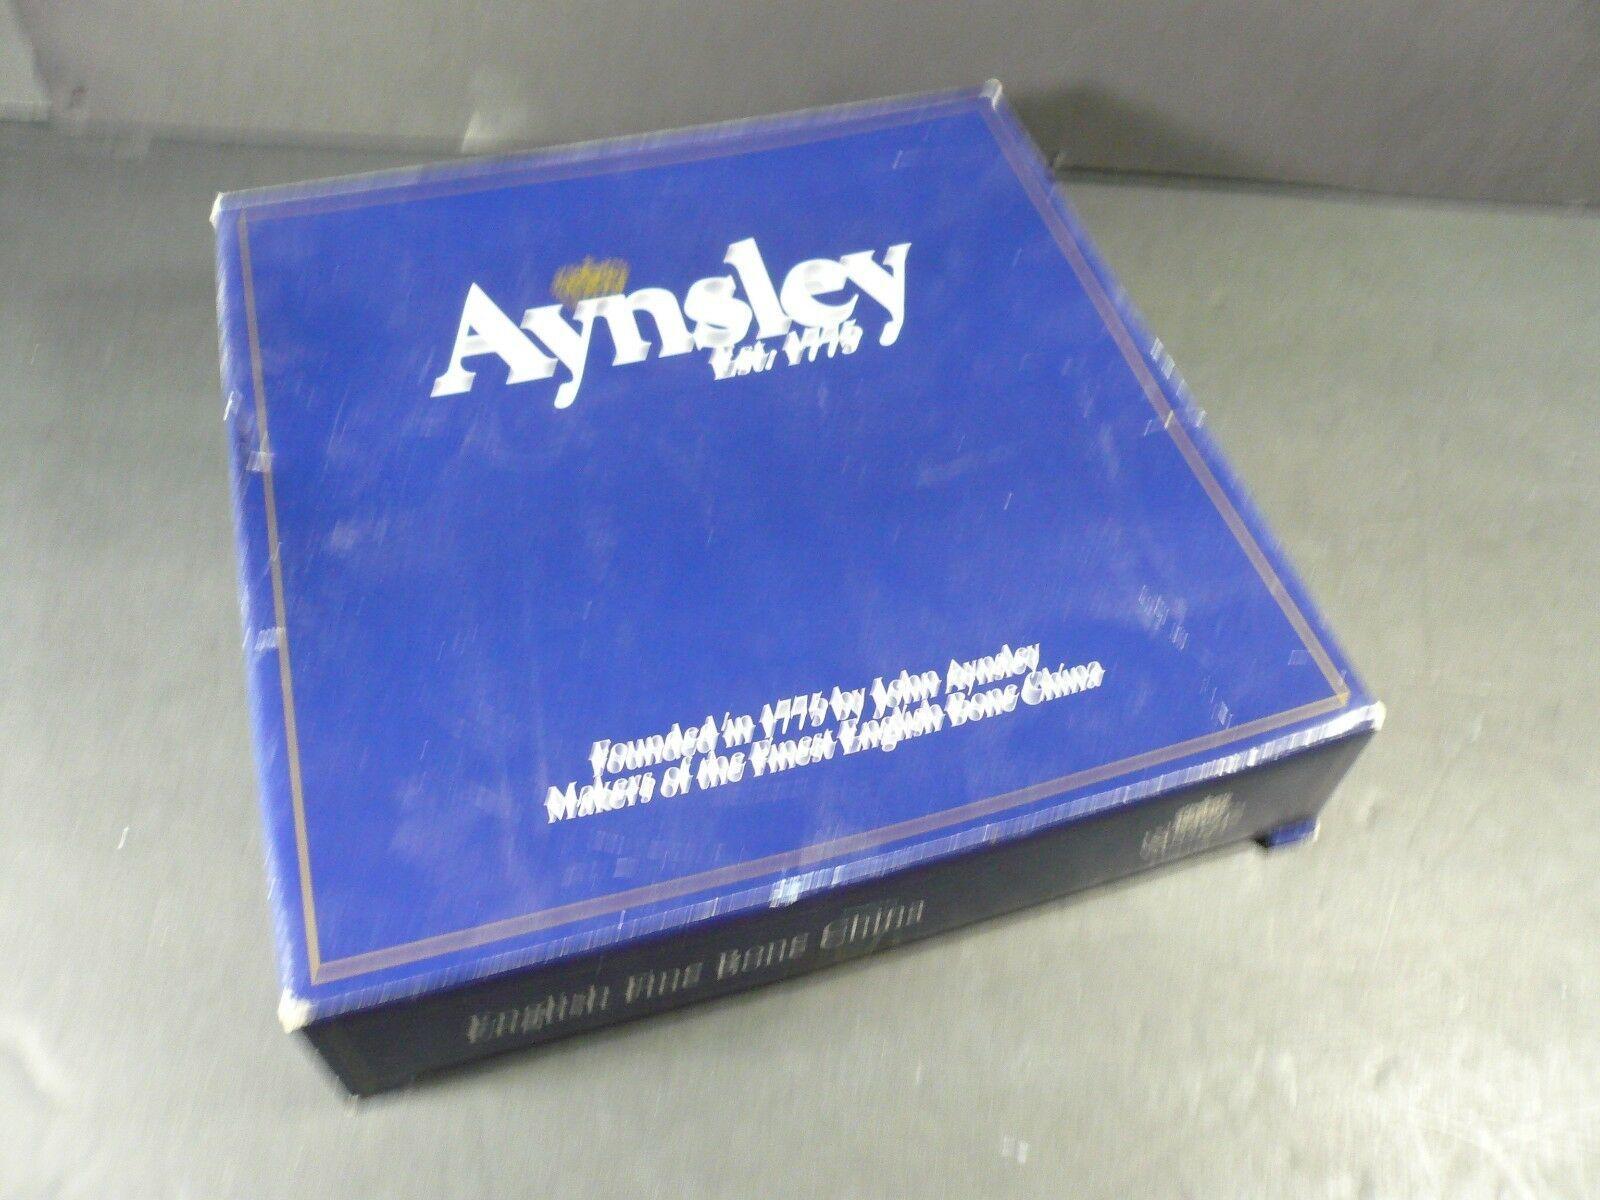 New In Box Rare Aynsley Wild Tudor Pierced Tray